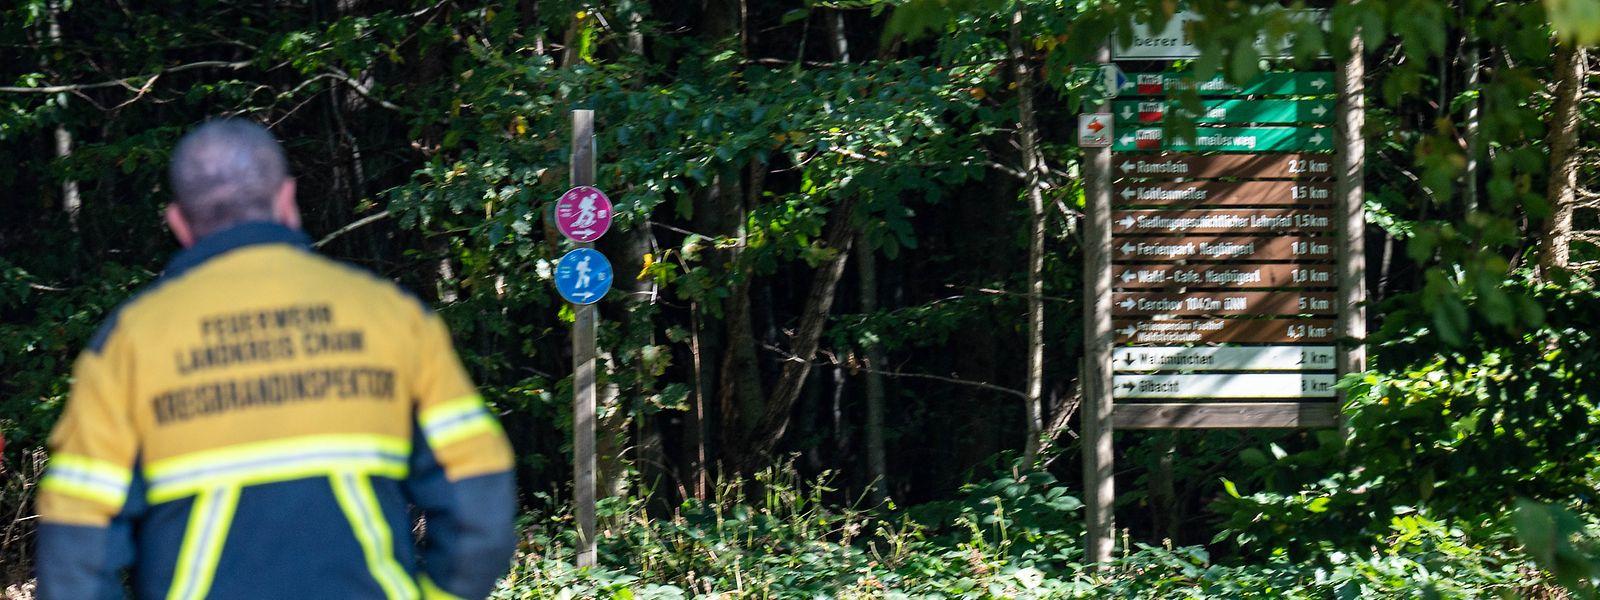 Bei einer Wanderung am tschechischen Berg Cerchov war das Mädchen aus Berlin am Montag verschwunden.